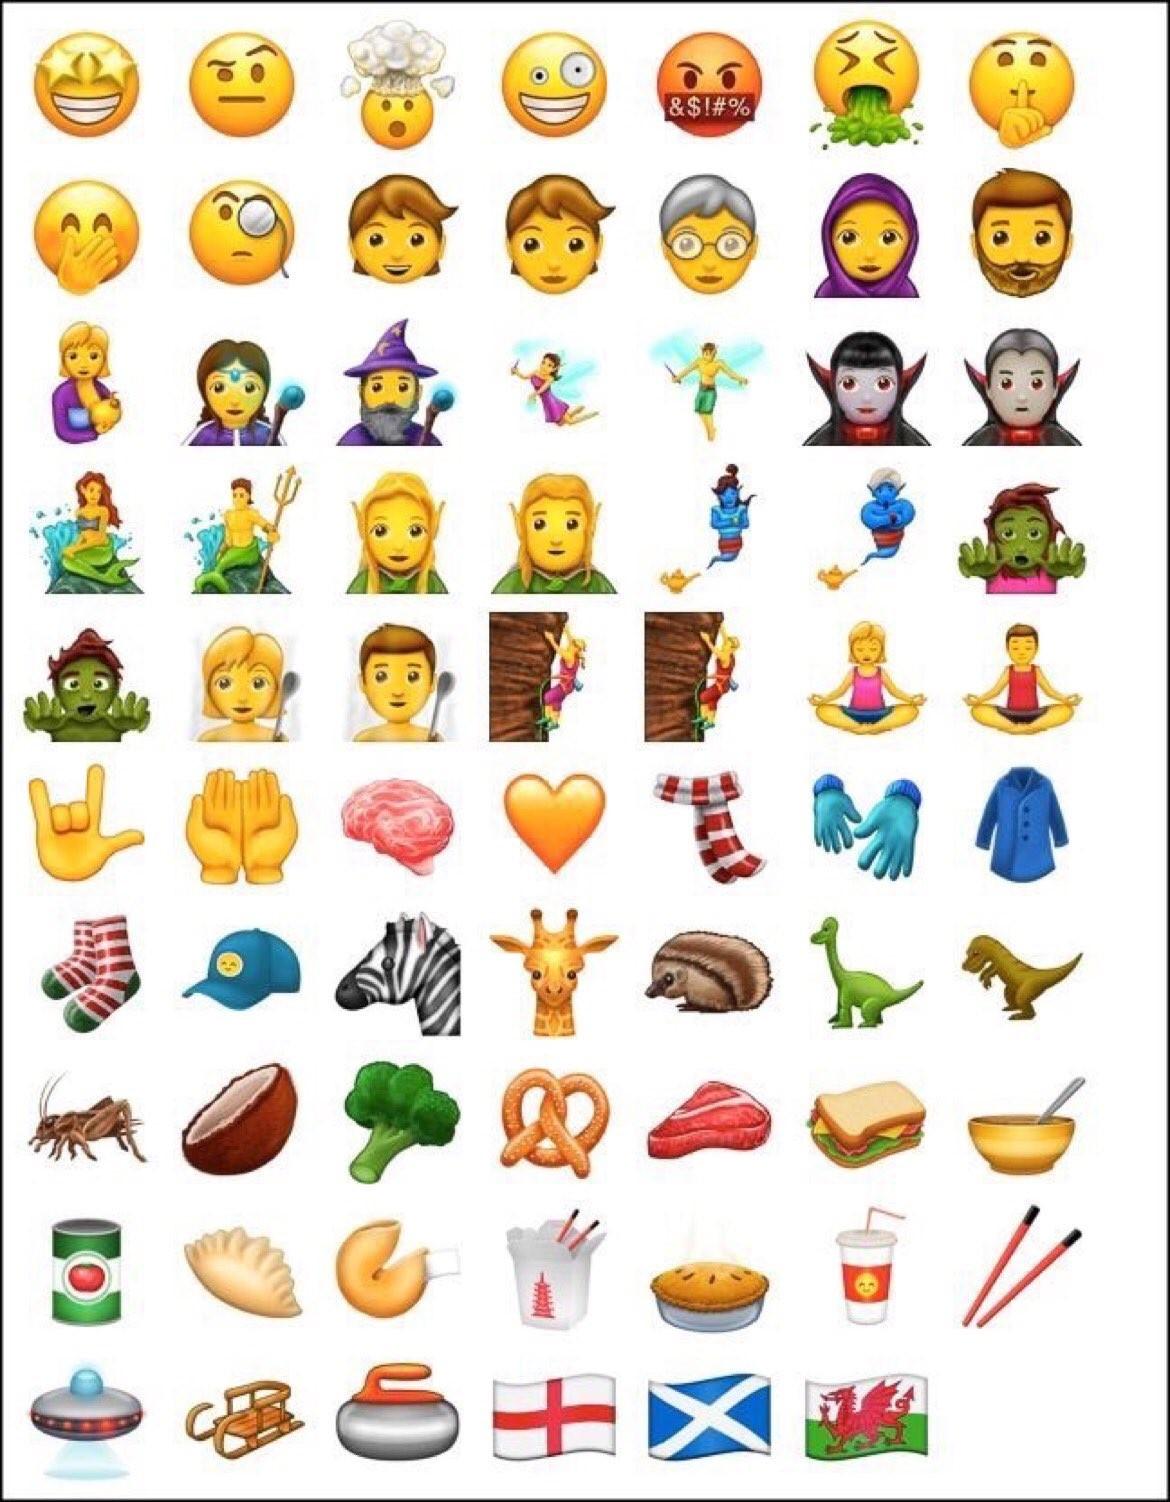 nuevos-emojis.jpg